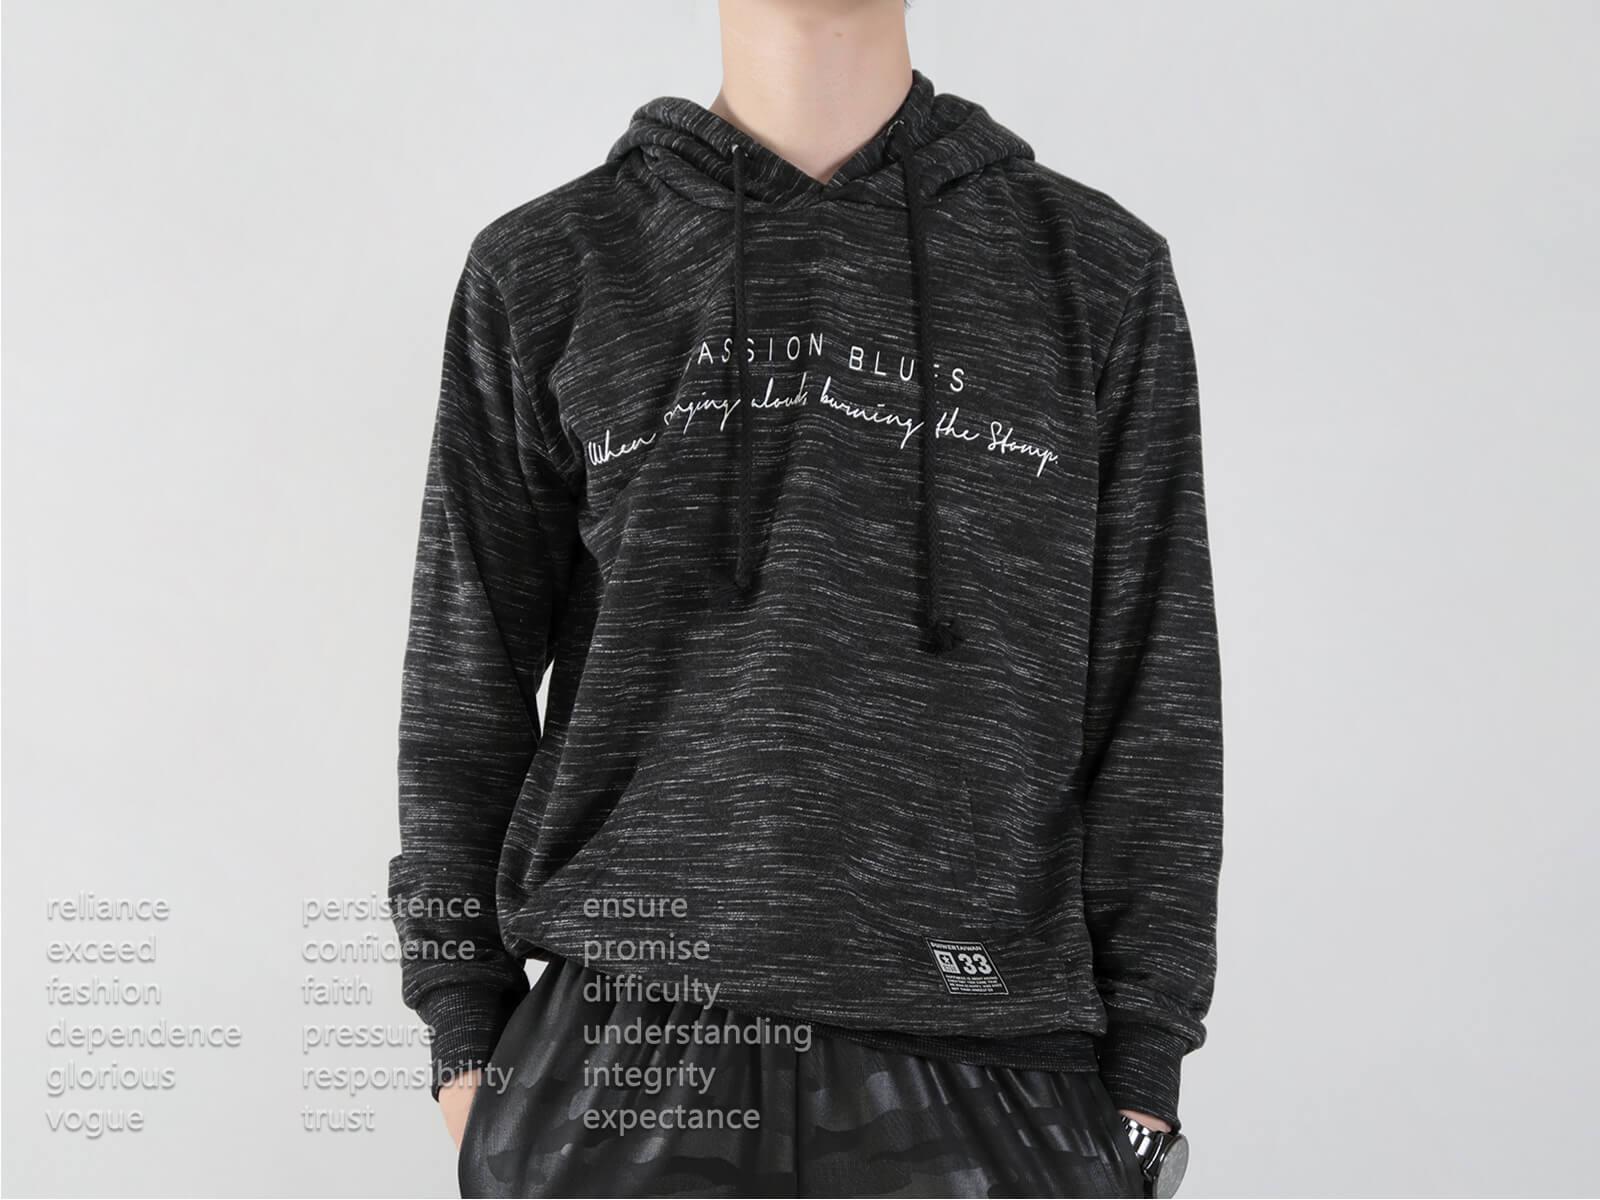 台灣製紋理保暖帽T 連帽T恤 休閒連帽外套 長袖T恤 帽子T恤 連帽上衣 長袖上衣 休閒長TEE 灰色T恤 黑色T恤 MADE IN TAIWAN HOODIE T-shirt (310-0772-21)黑色、(310-0772-22)灰色 L XL(胸圍44~47英吋) [實體店面保障] sun-e 6